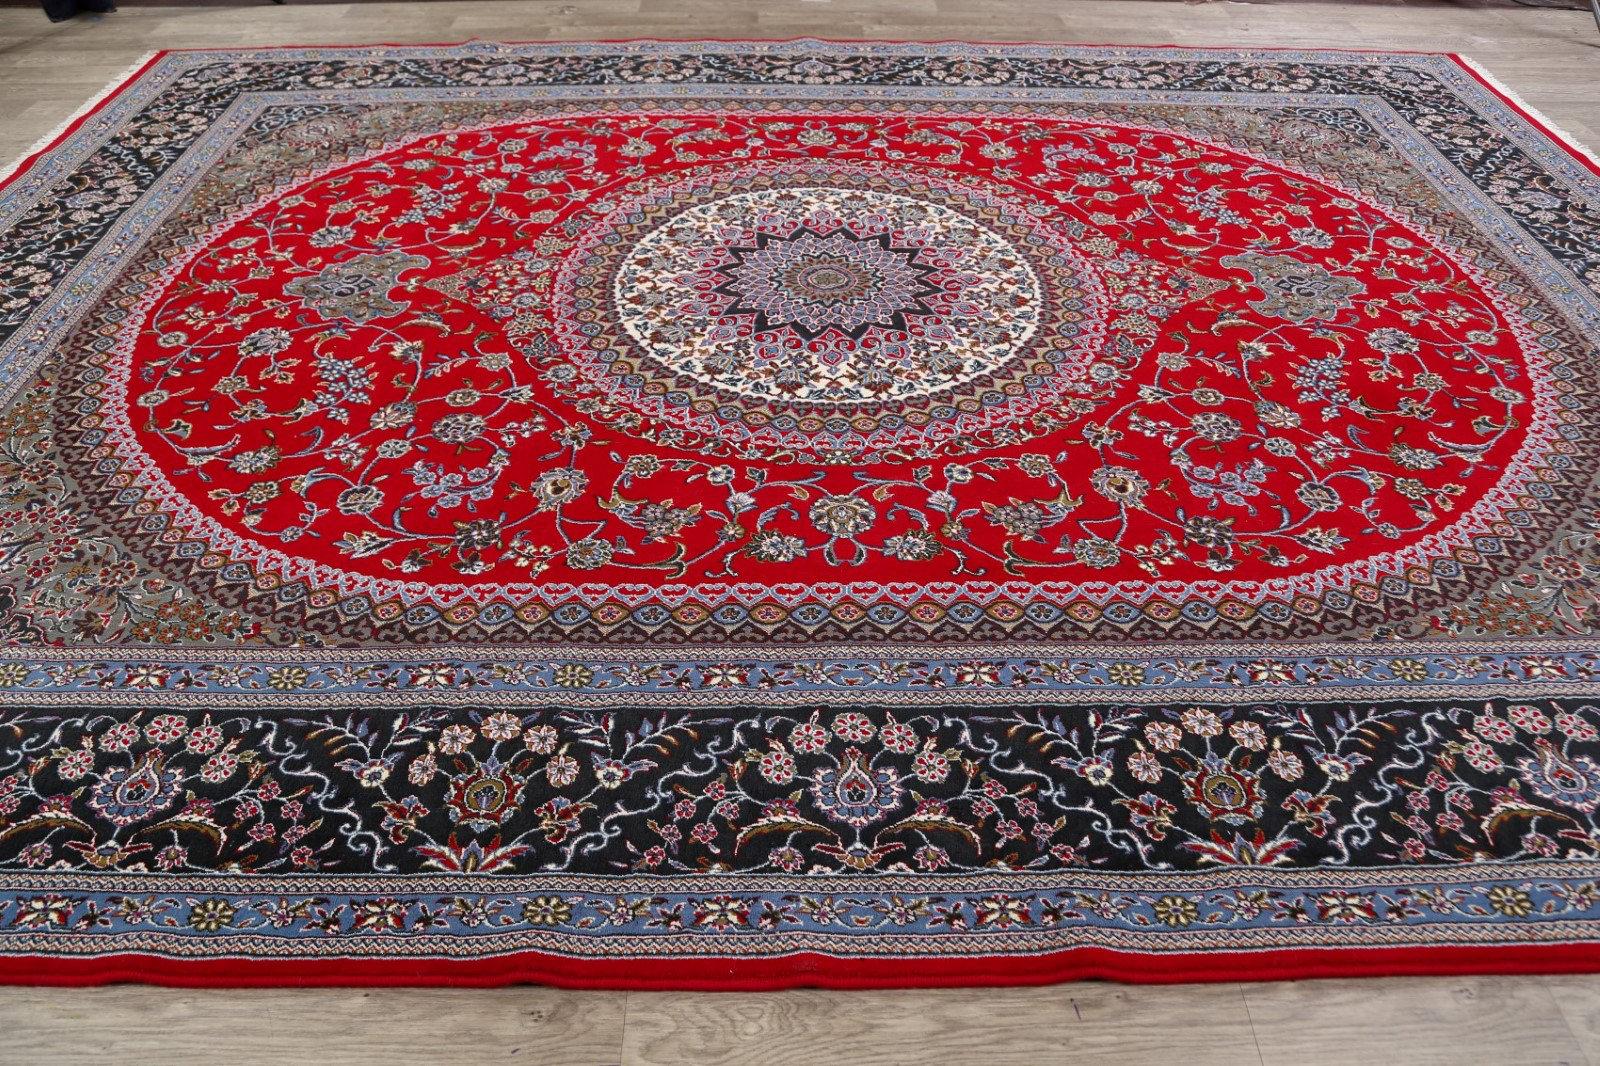 Rugsource Power Loom Red Blue Rug Wayfair